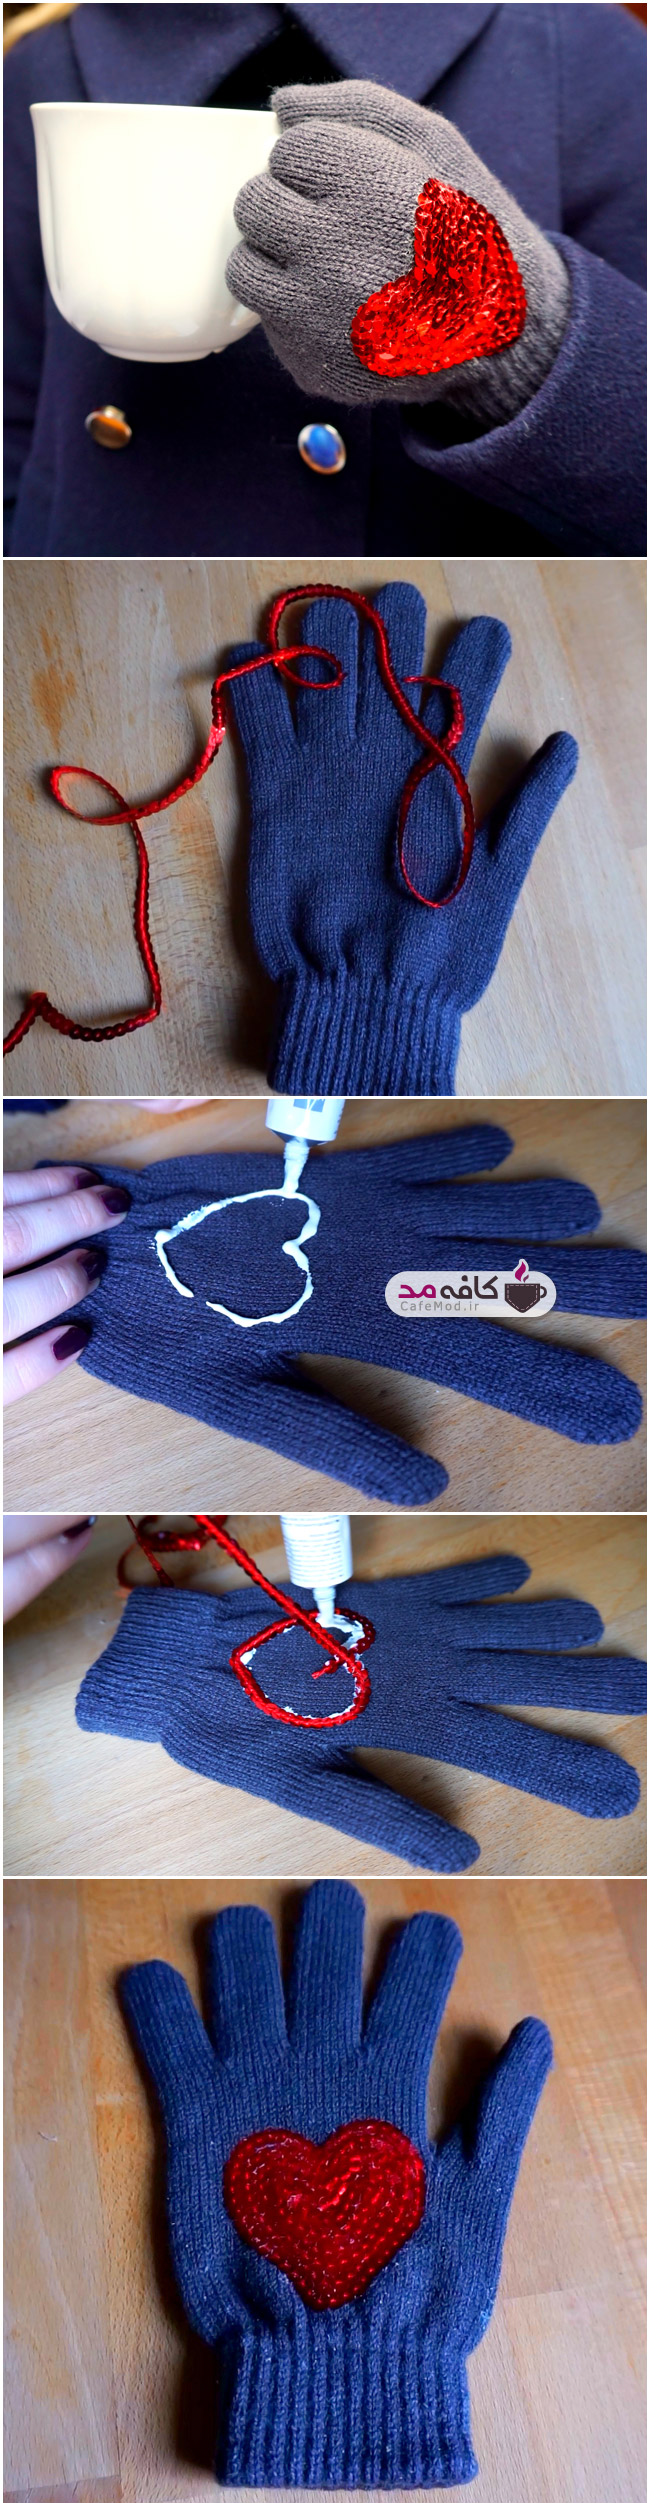 مدل دستکش های پولکی